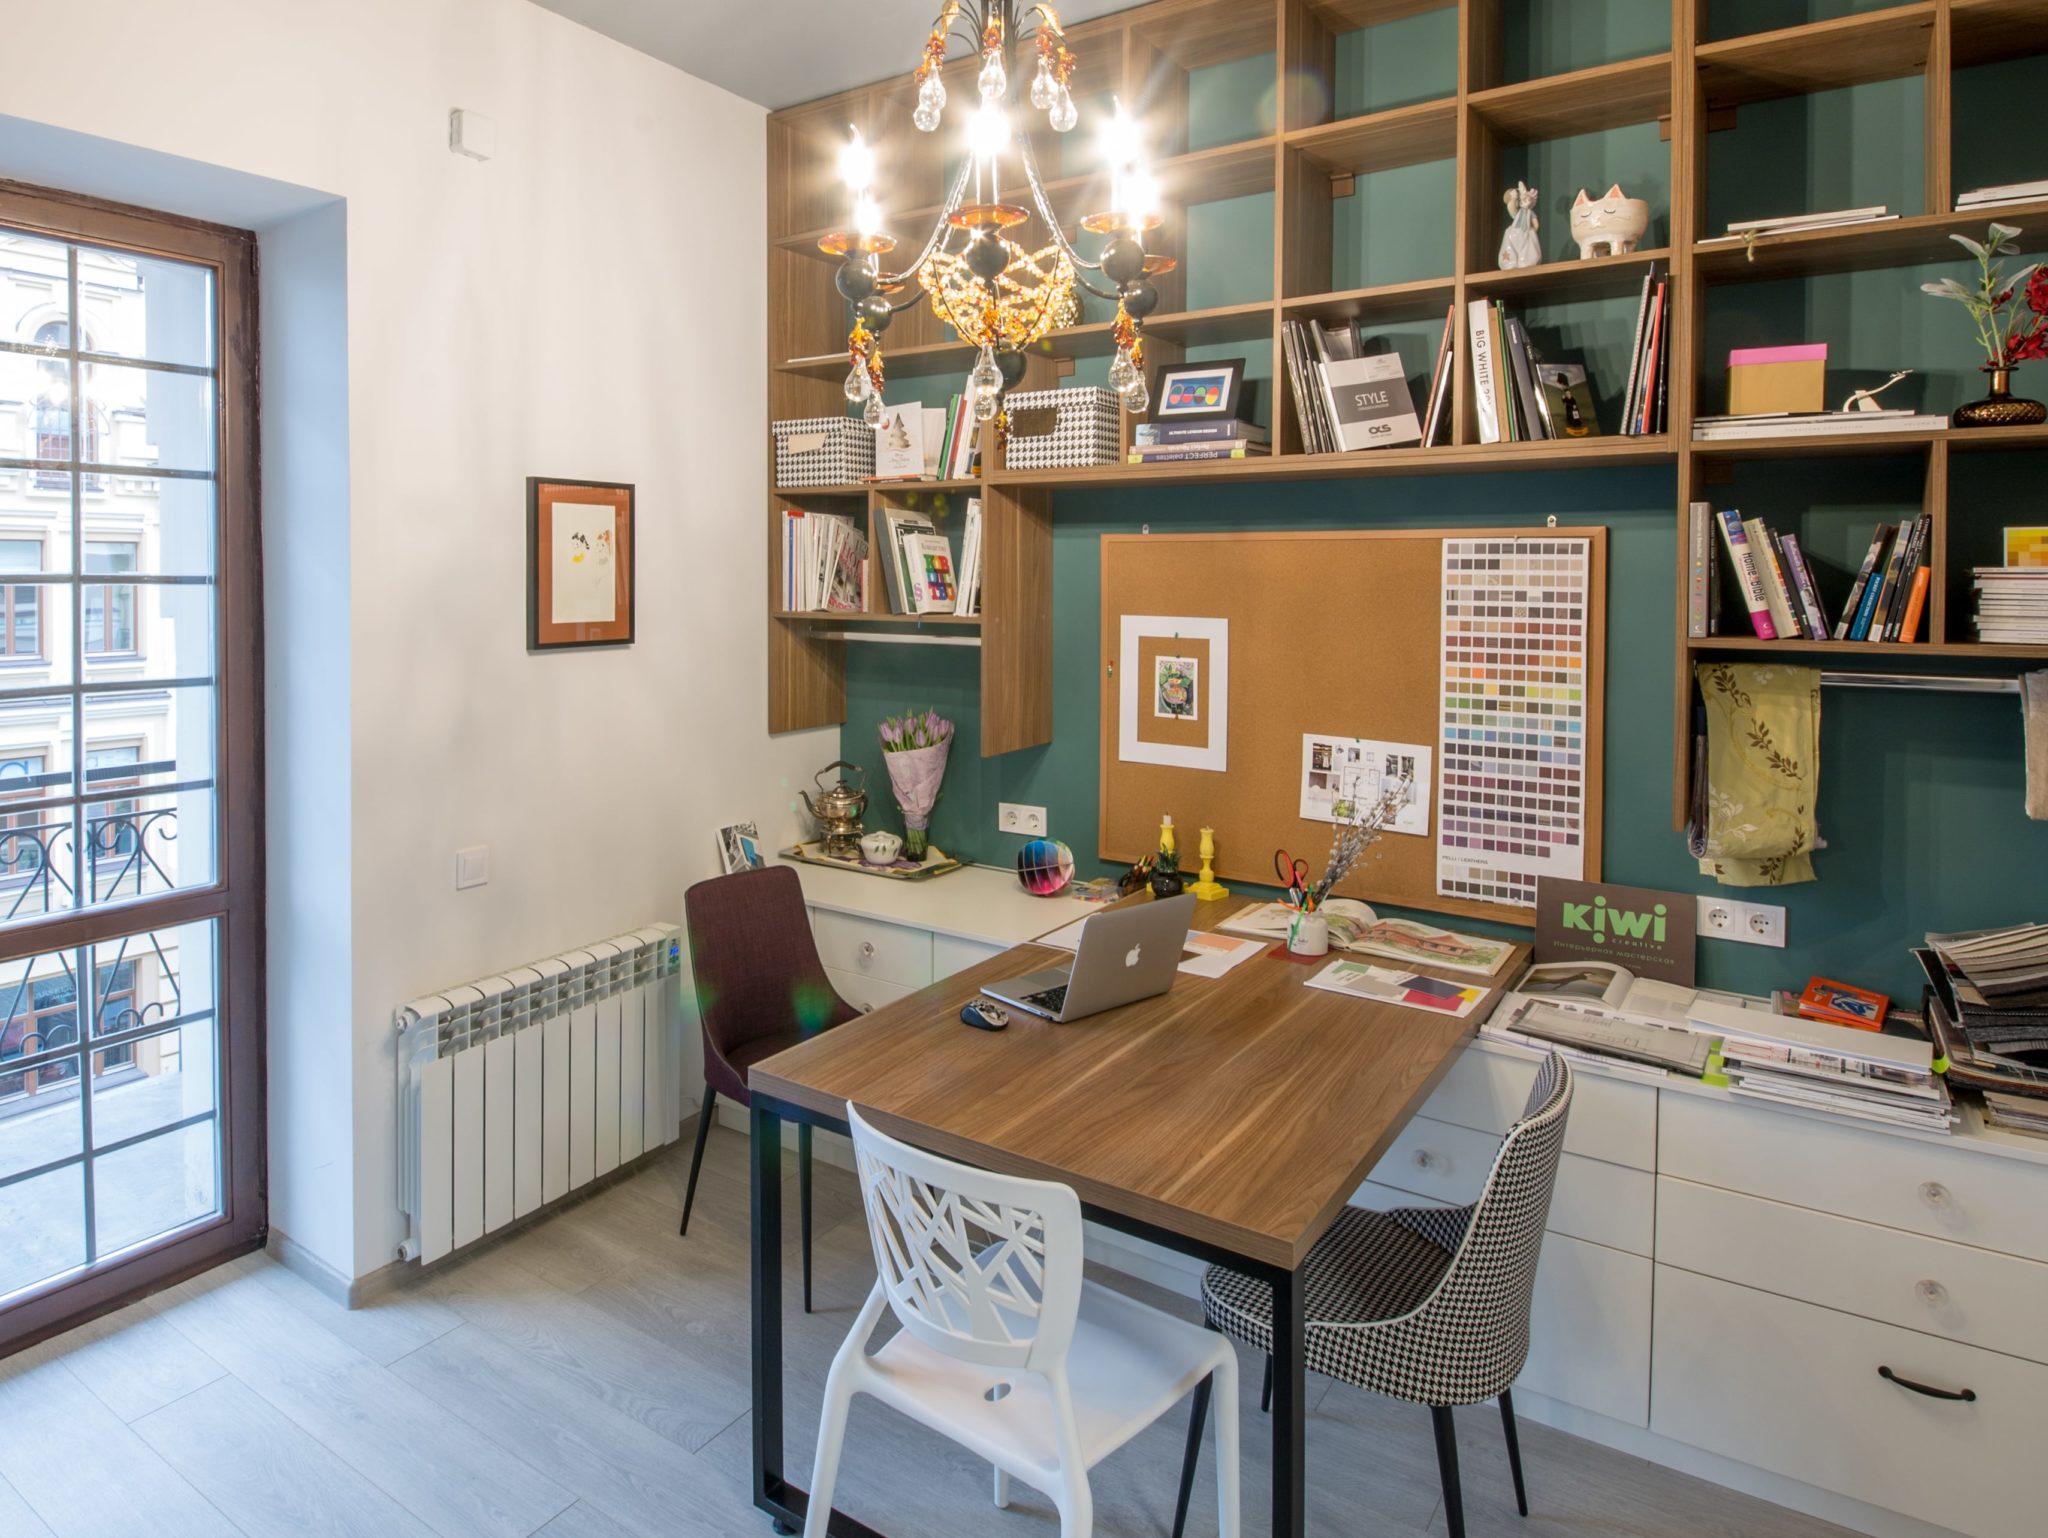 Ремонт офиса в Киеве компании Kiwi